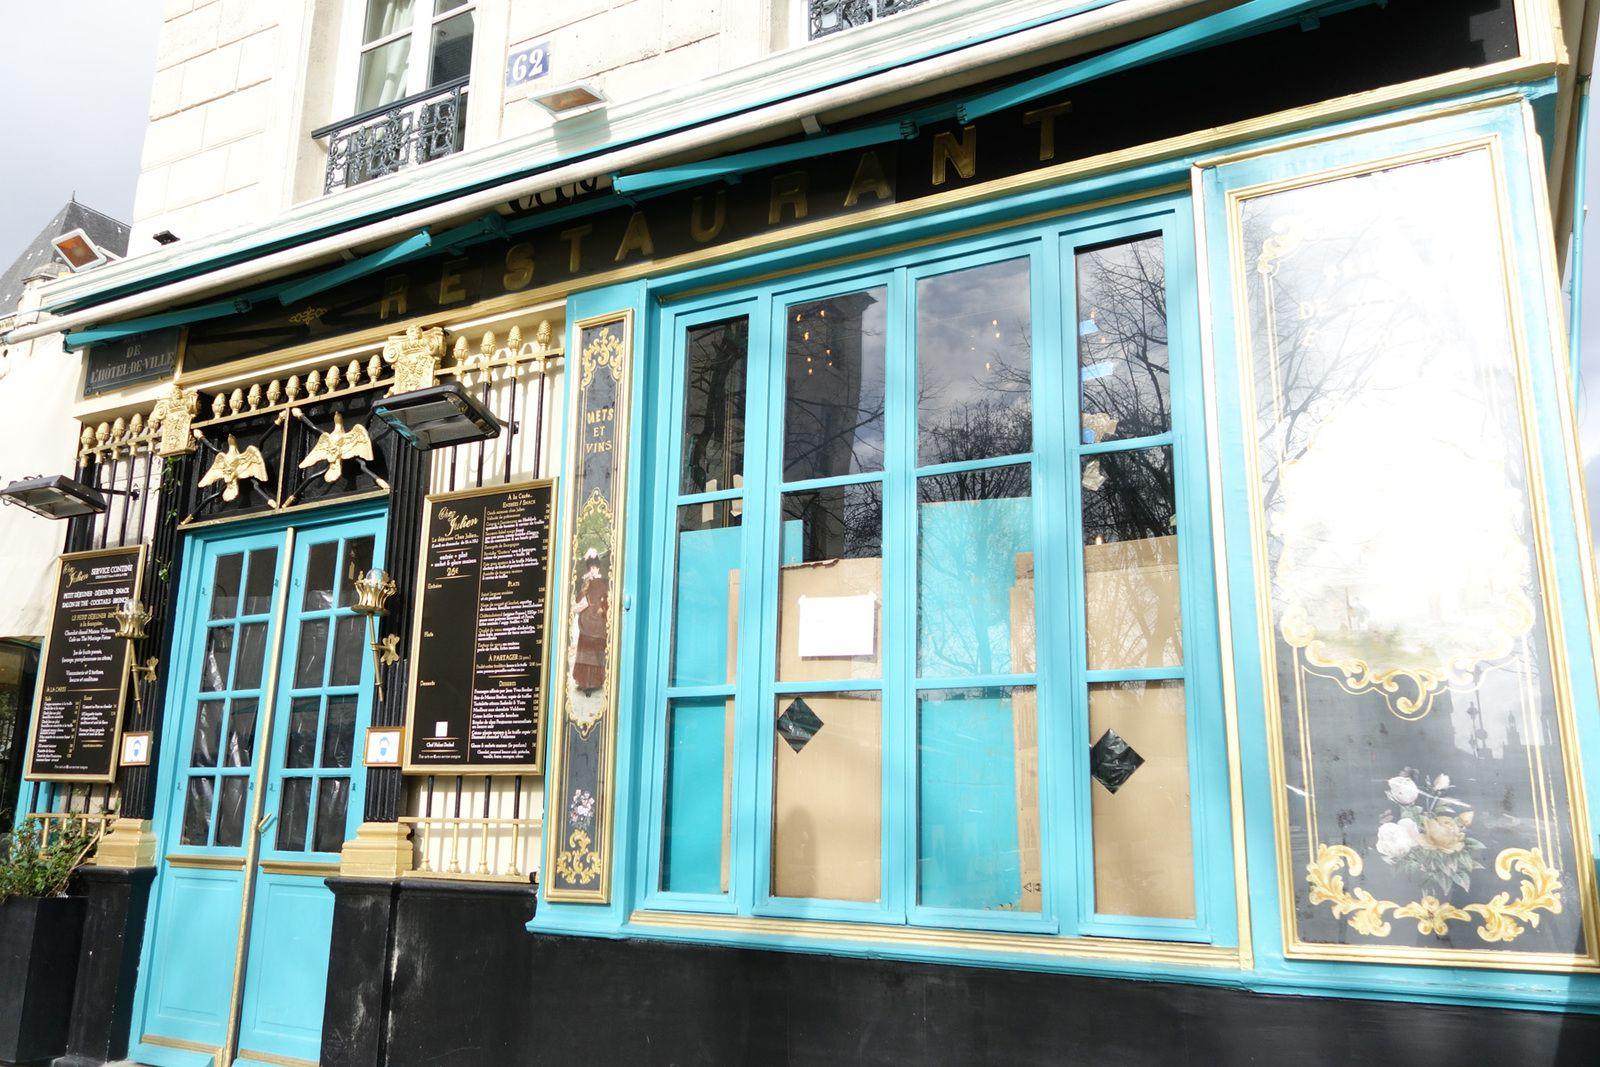 Chez Julien, 1 rue du Pont Louis-Philippe. Restaurant chic et poétique avec son plafond peint, ses moulures, ses écritures fleuries..